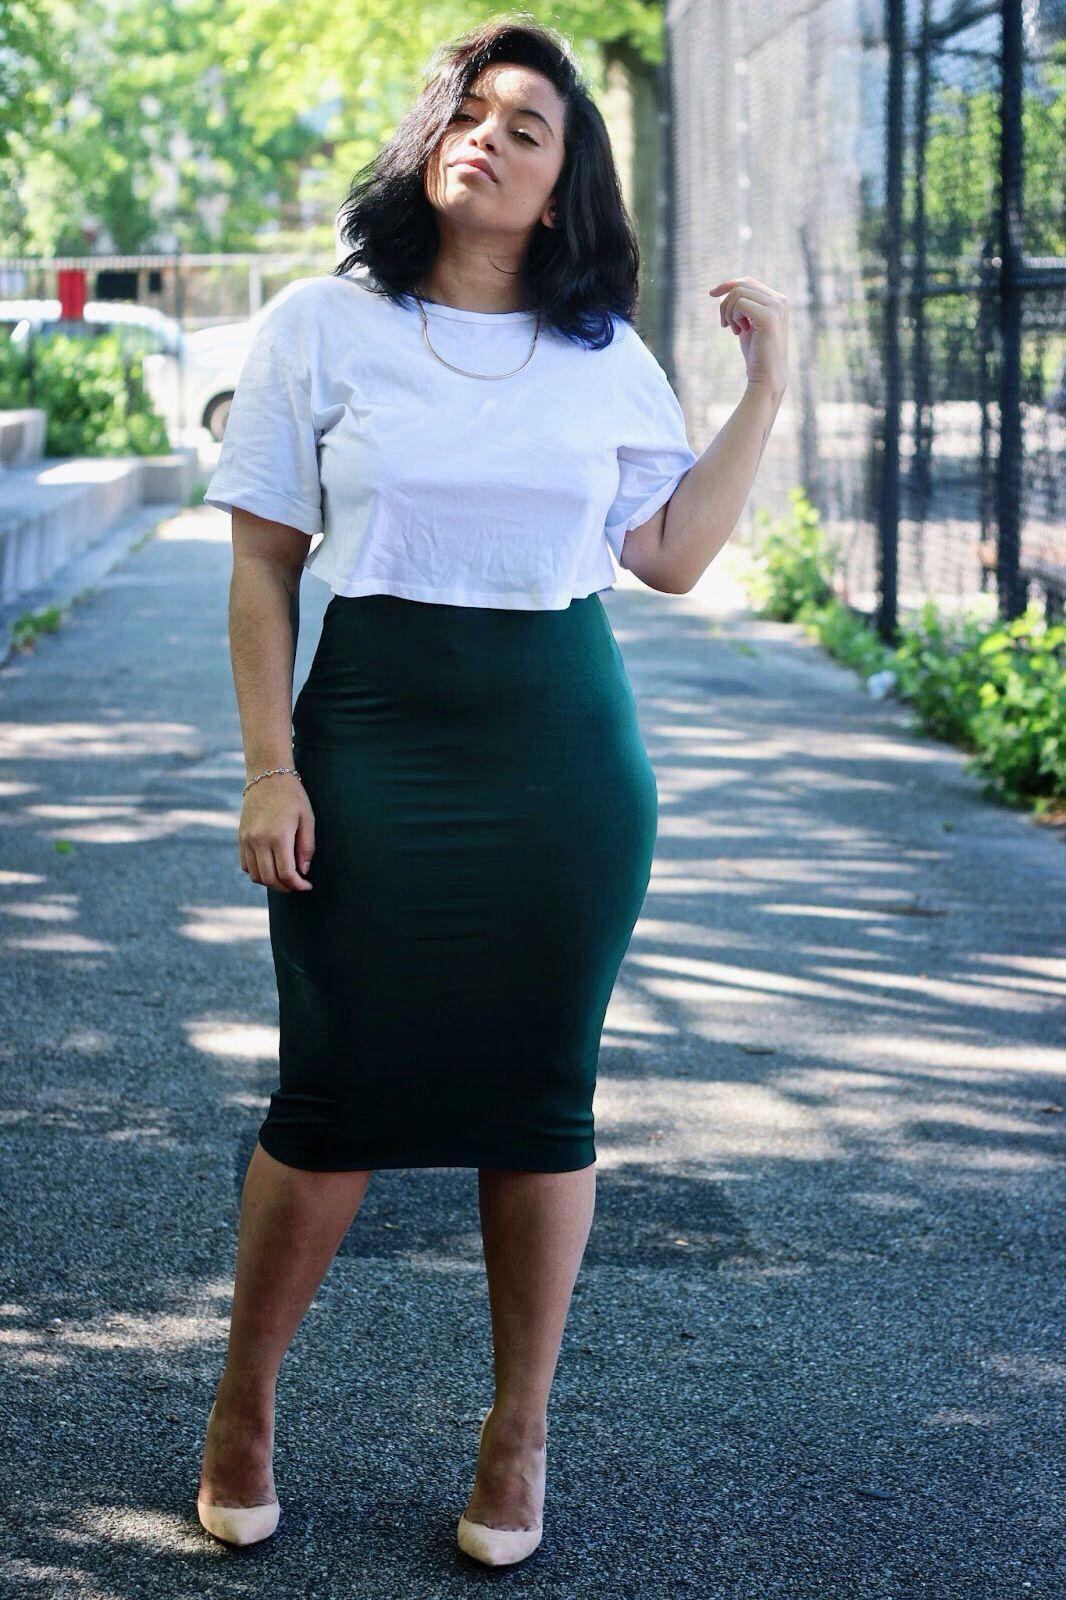 ac610dc760829 High waisted Pencil Skirt